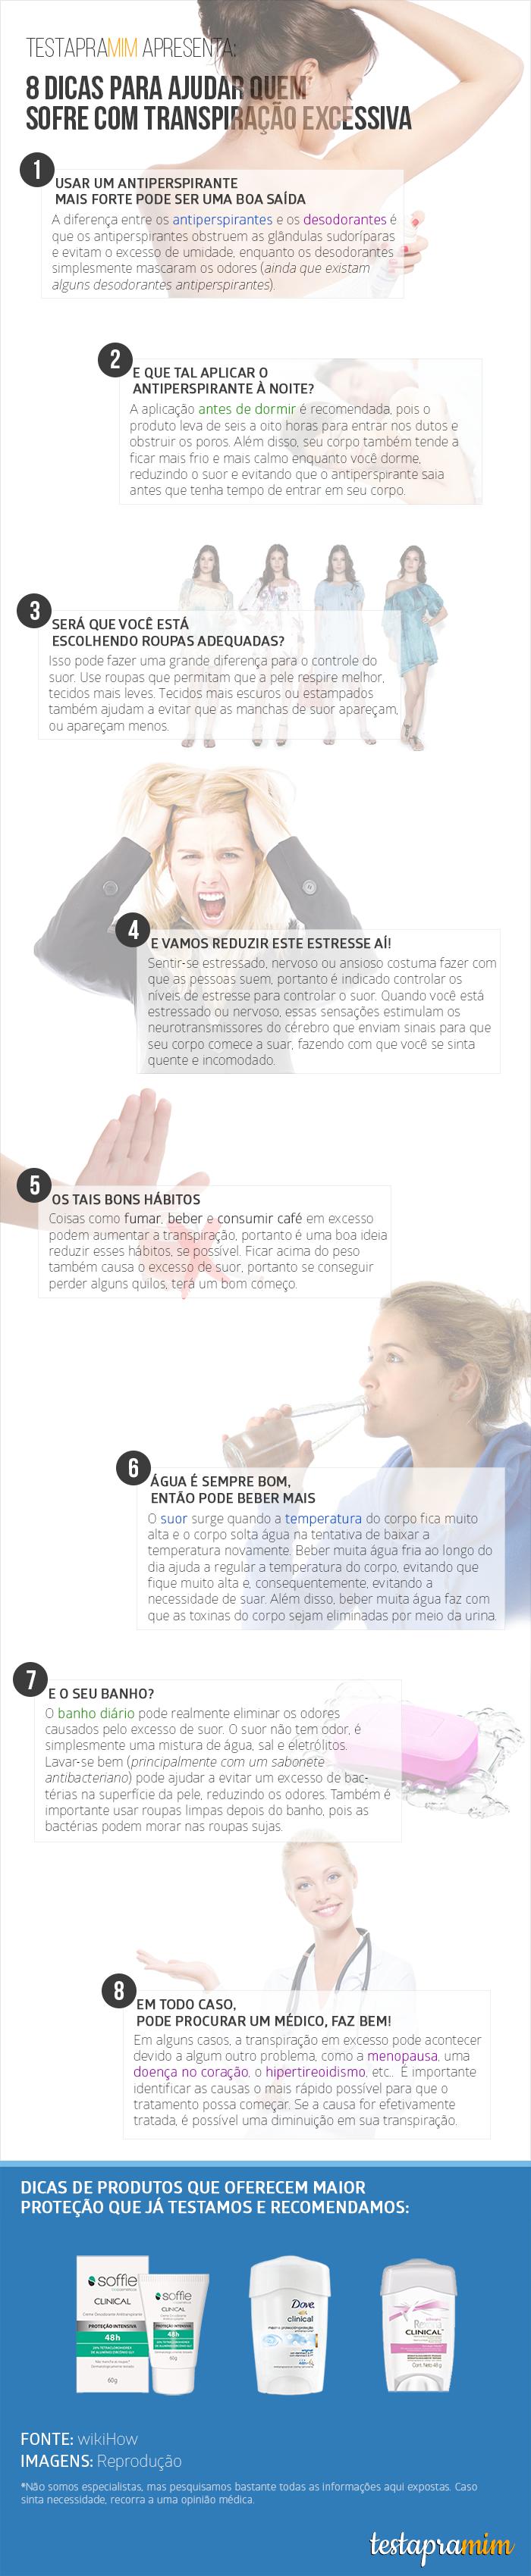 Infográfico transpiração excessiva Soffie Dove Rexona